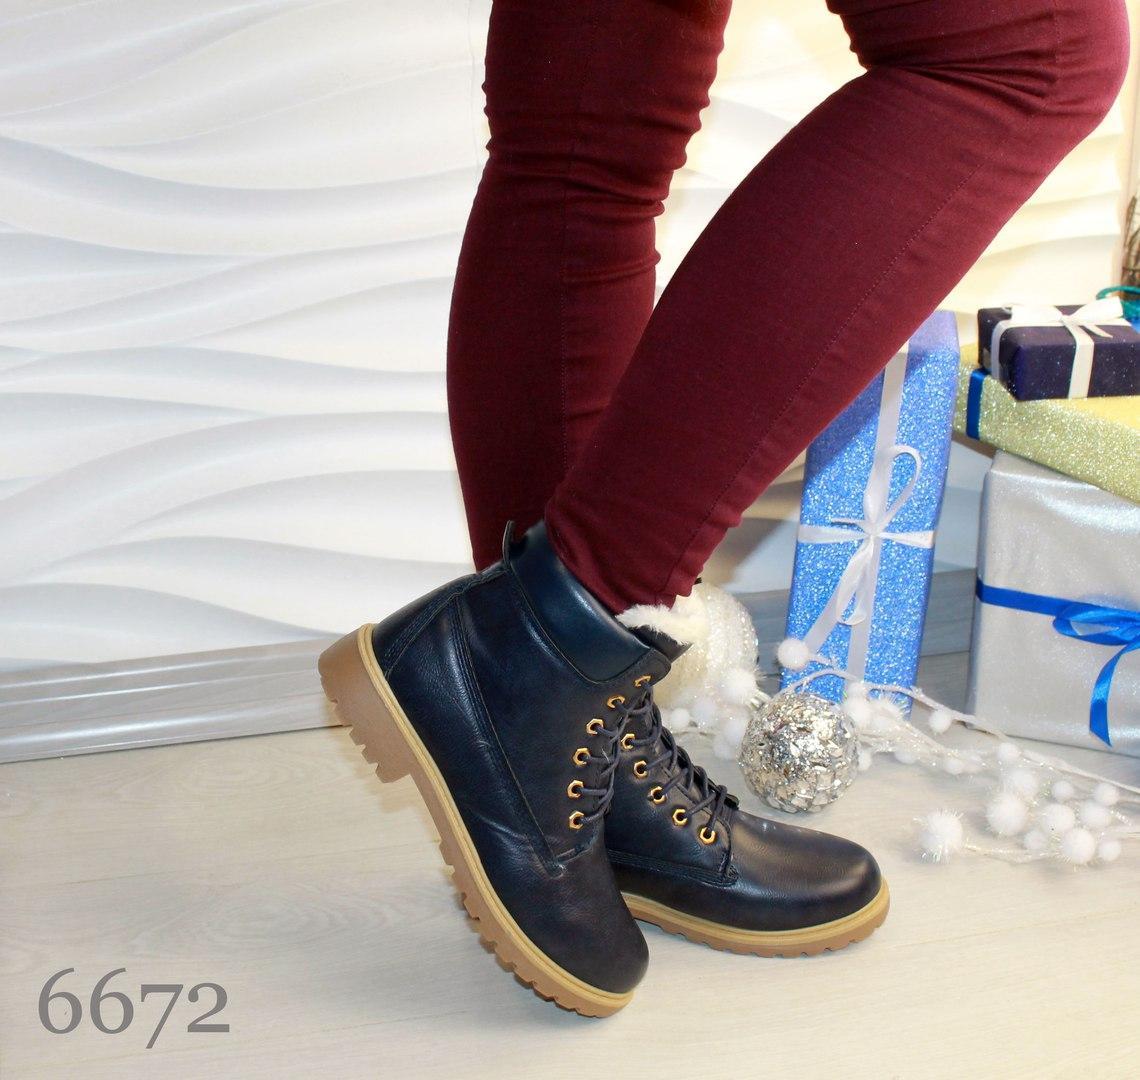 42a7627d57ed Ботинки зимние на низком ходу Timber - Интернет-магазин Shopogolik (женская  обувь и одежда